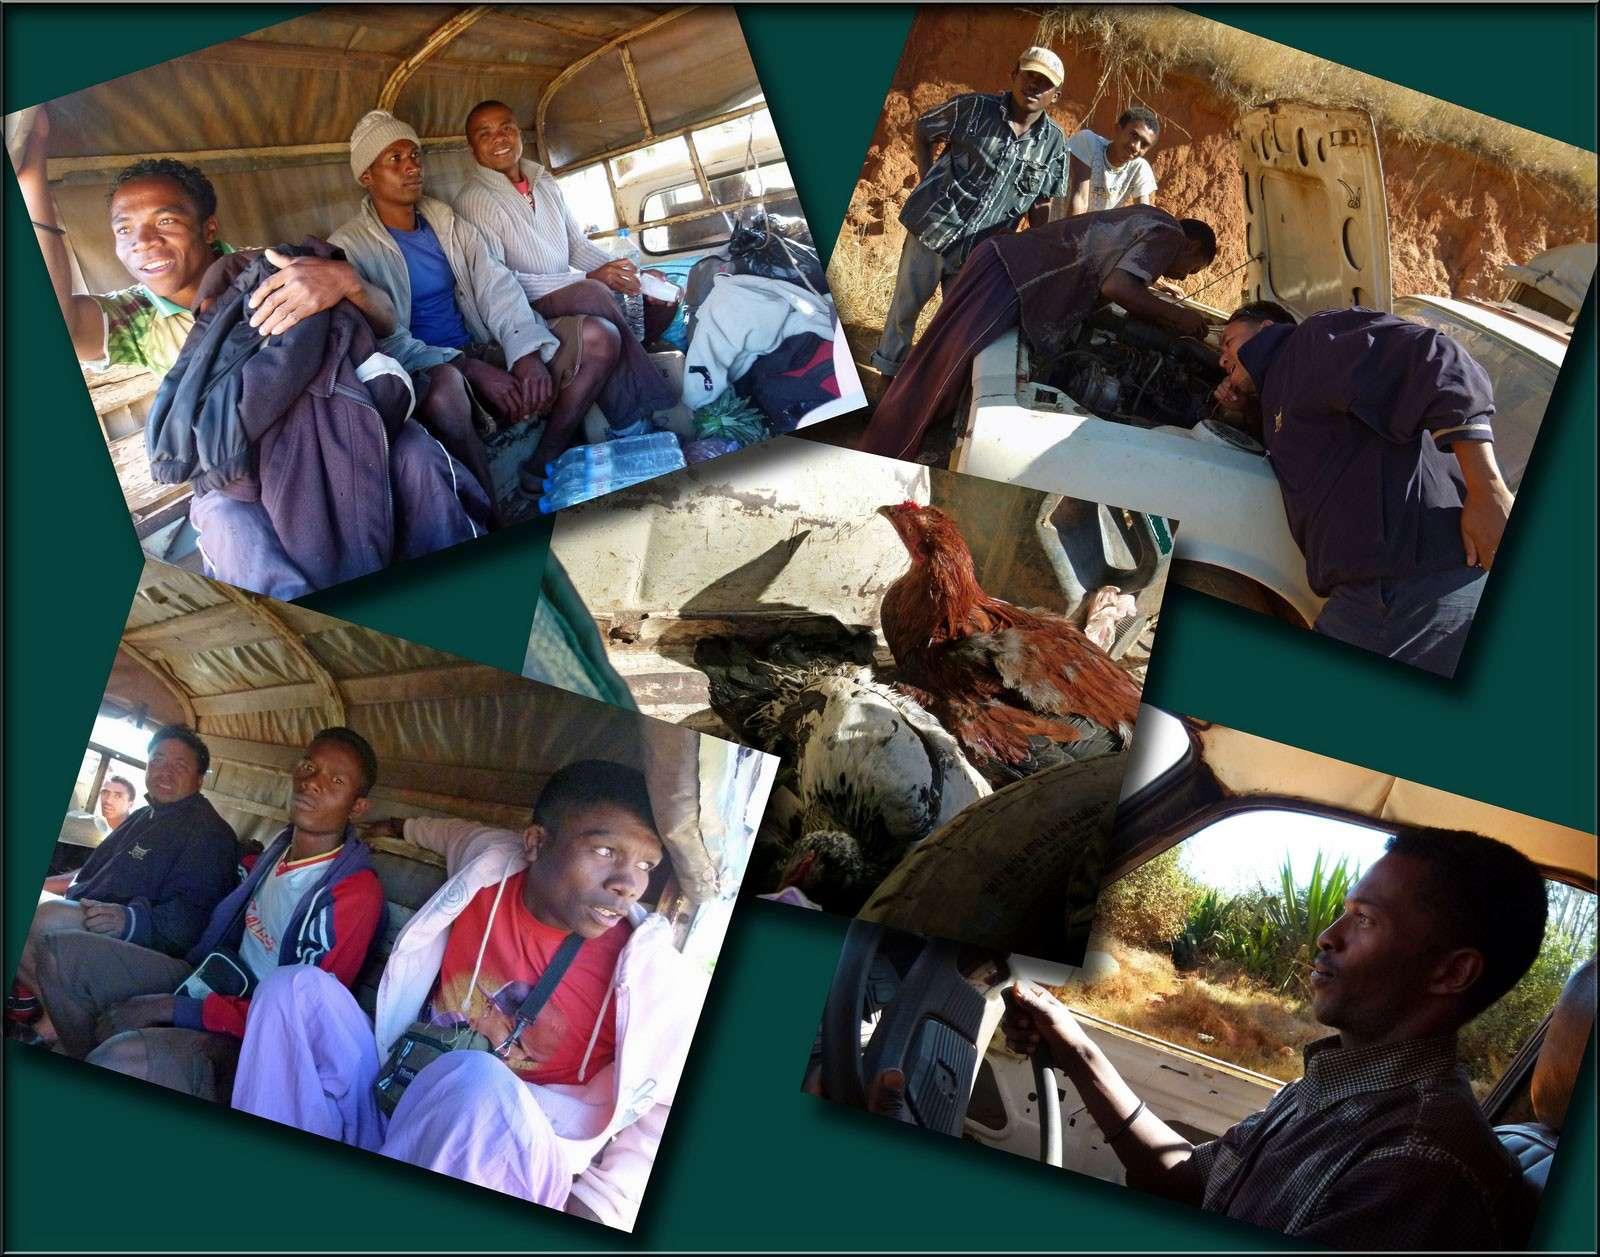 RUBRIQUE PHOTO POUR VITRINE SEPTEMBRE 2012 SUITE 4_4_an10